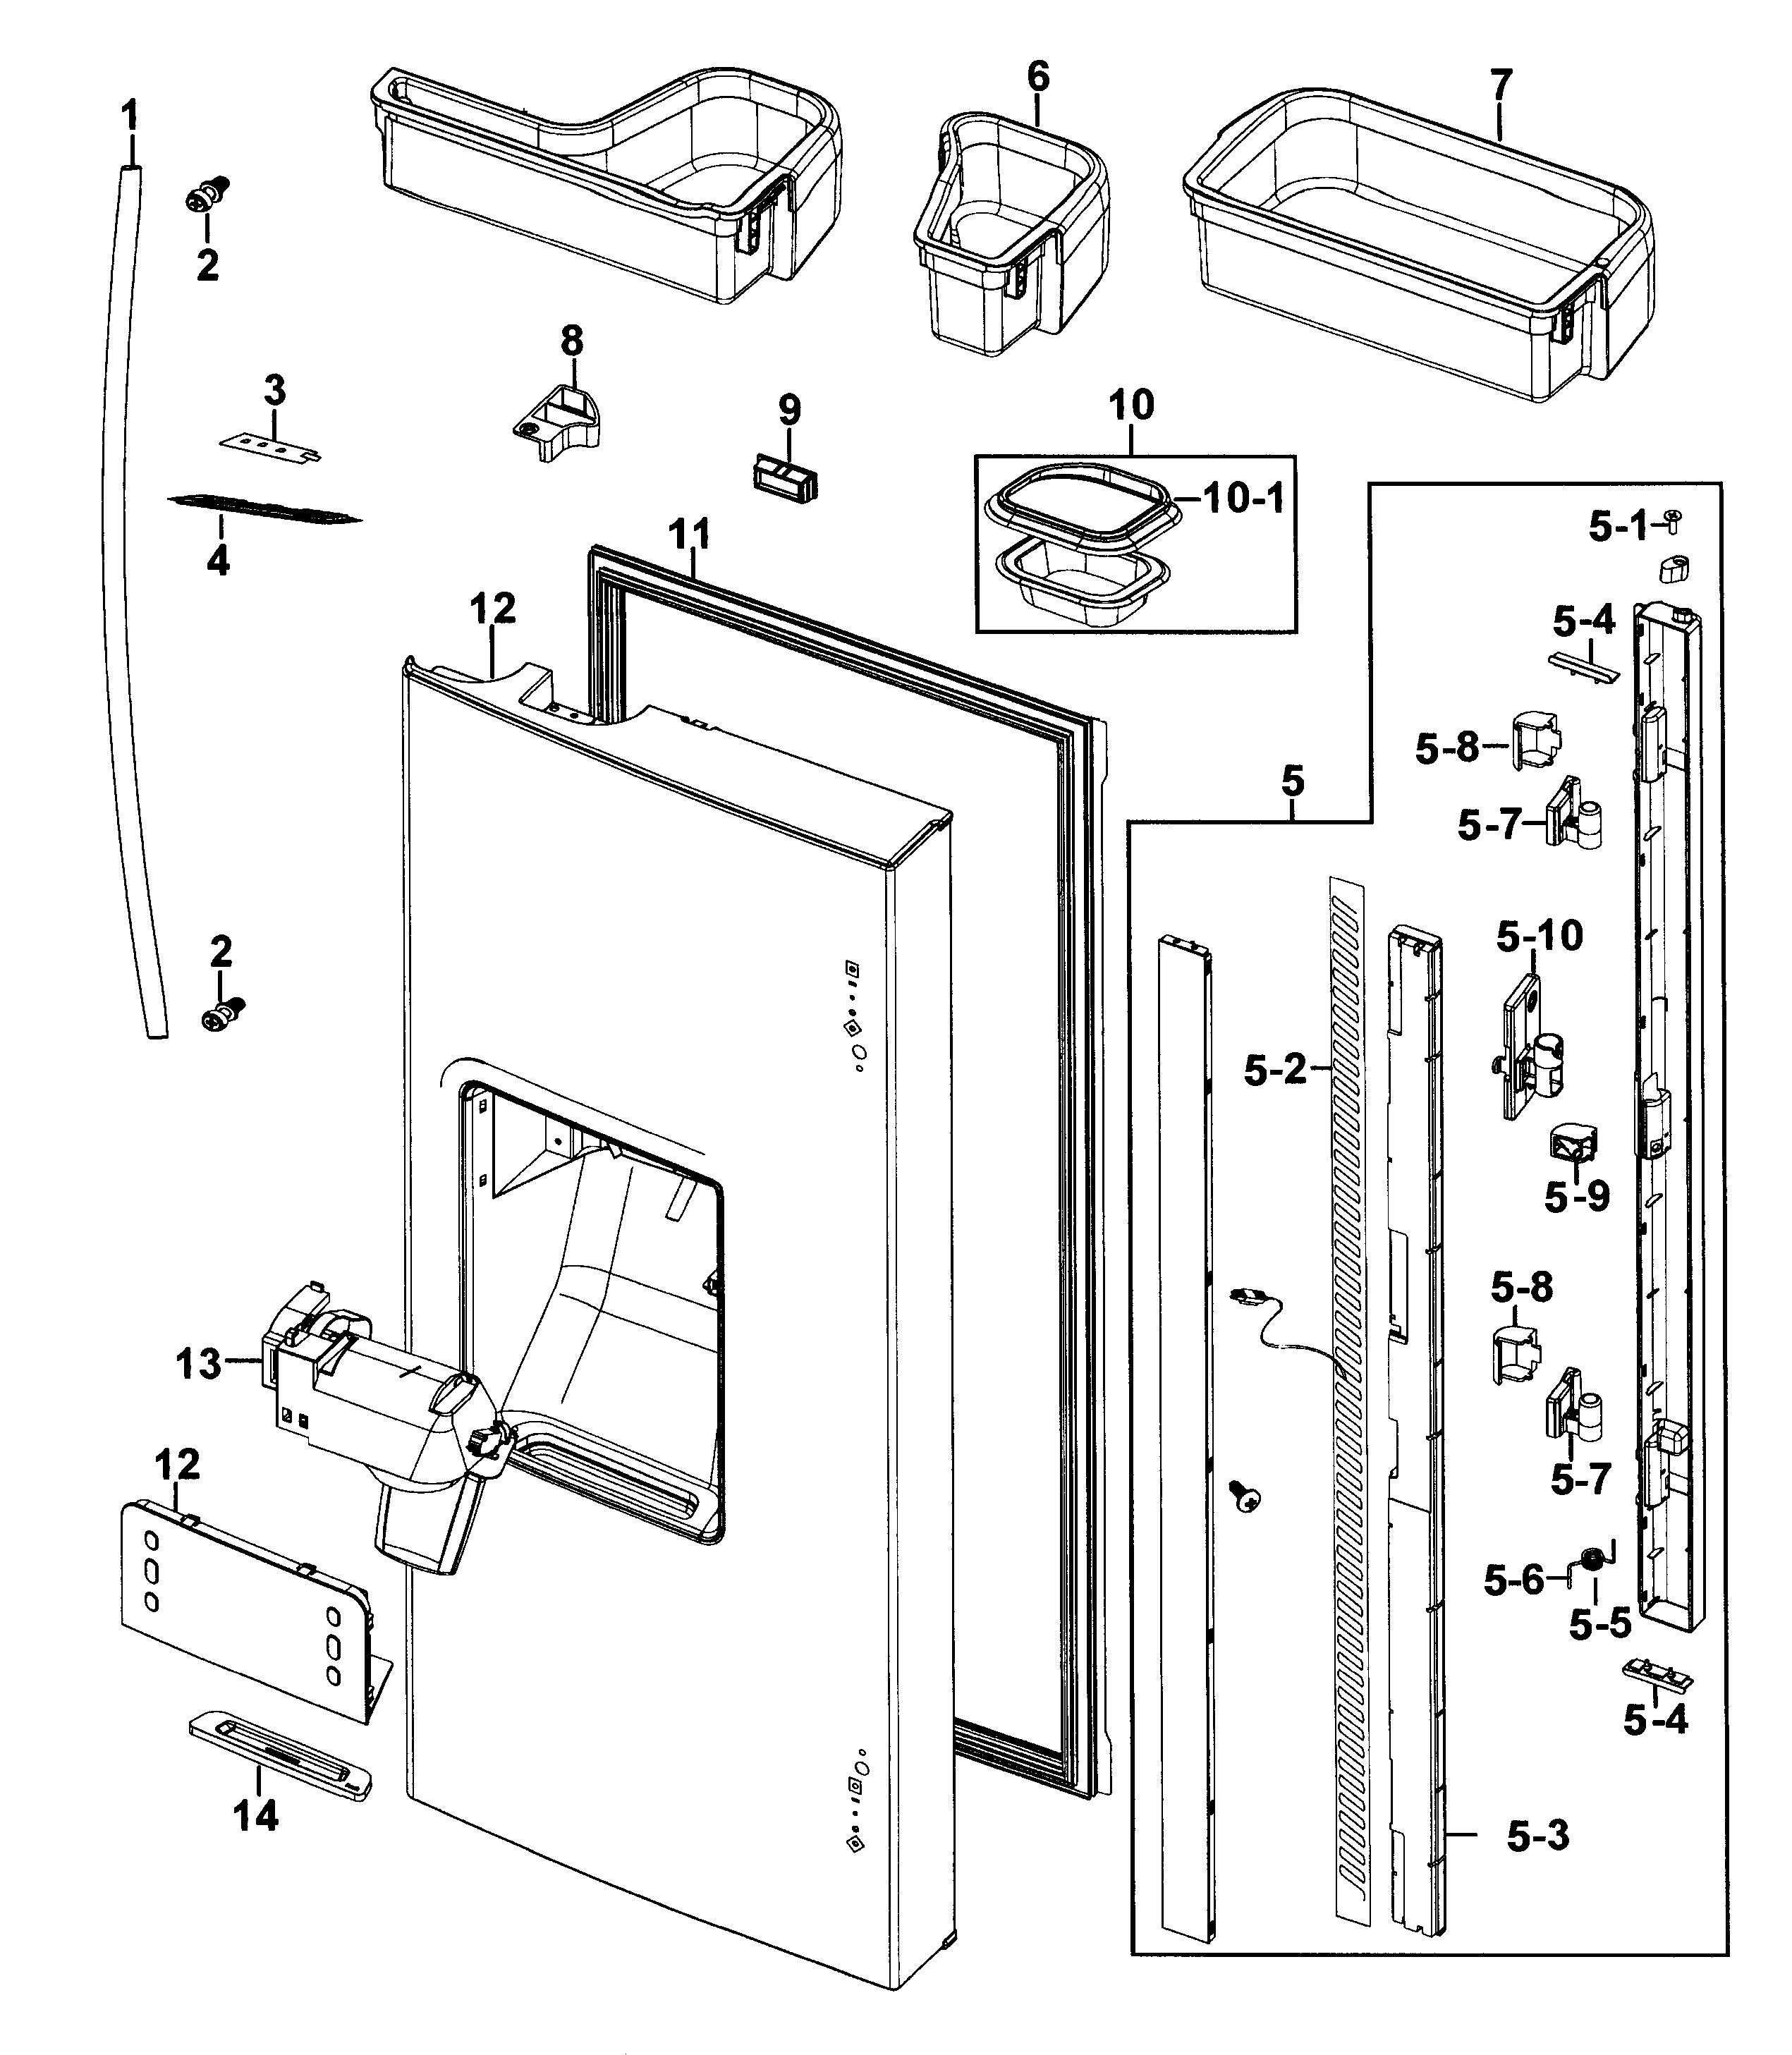 [DIAGRAM_38IS]  XC_3287] Bpl Double Door Refrigerator Wiring Diagram Download Diagram | Bpl Double Door Refrigerator Wiring Diagram |  | Cular Geis Push Grebs Dogan Rele Mohammedshrine Librar Wiring 101